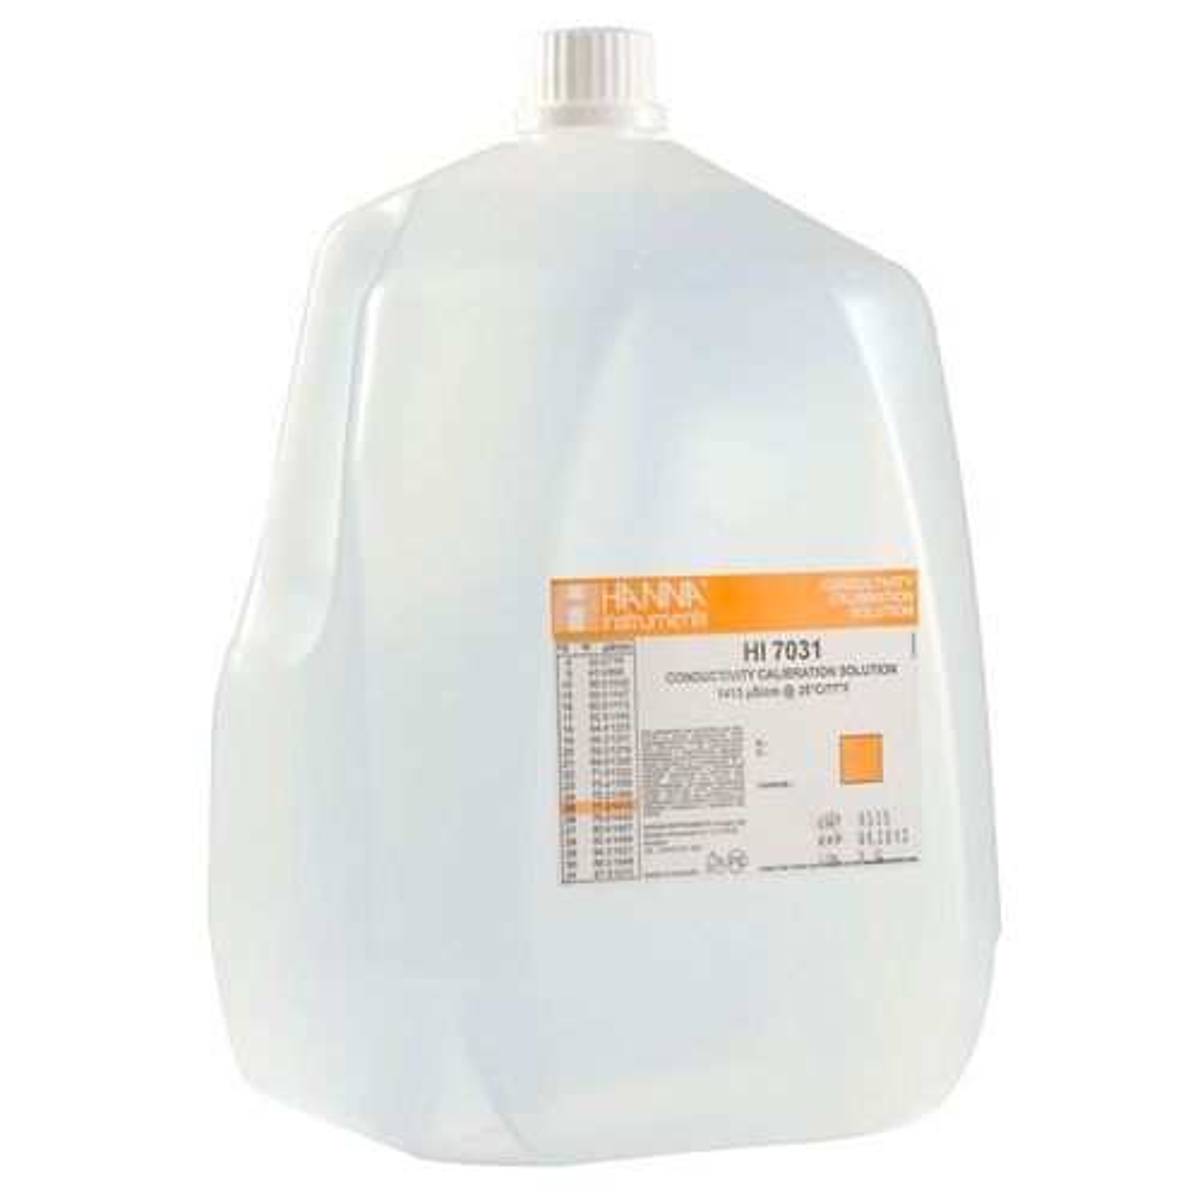 1413 μS/cm Conductivity Standard (1 Gallon) – HI7031/1G